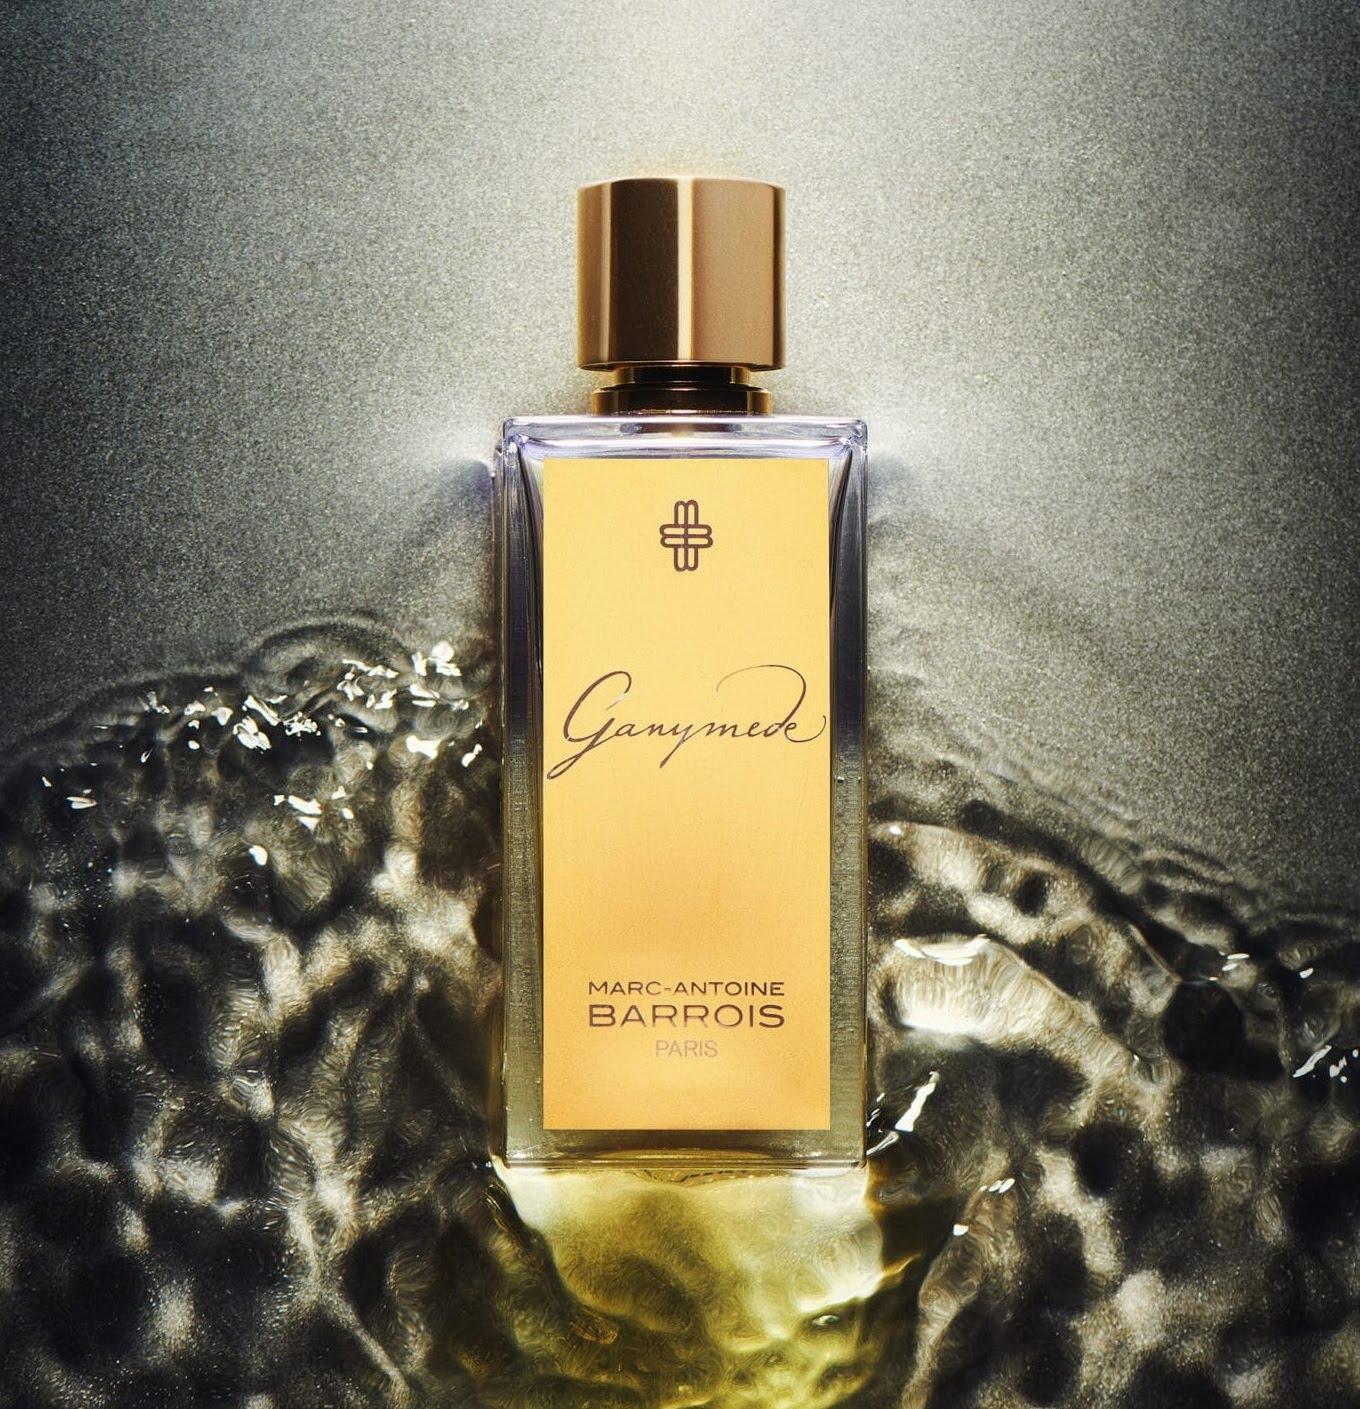 Parfums de niche pour homme - Ganymède de Marc-Antoine Barrois